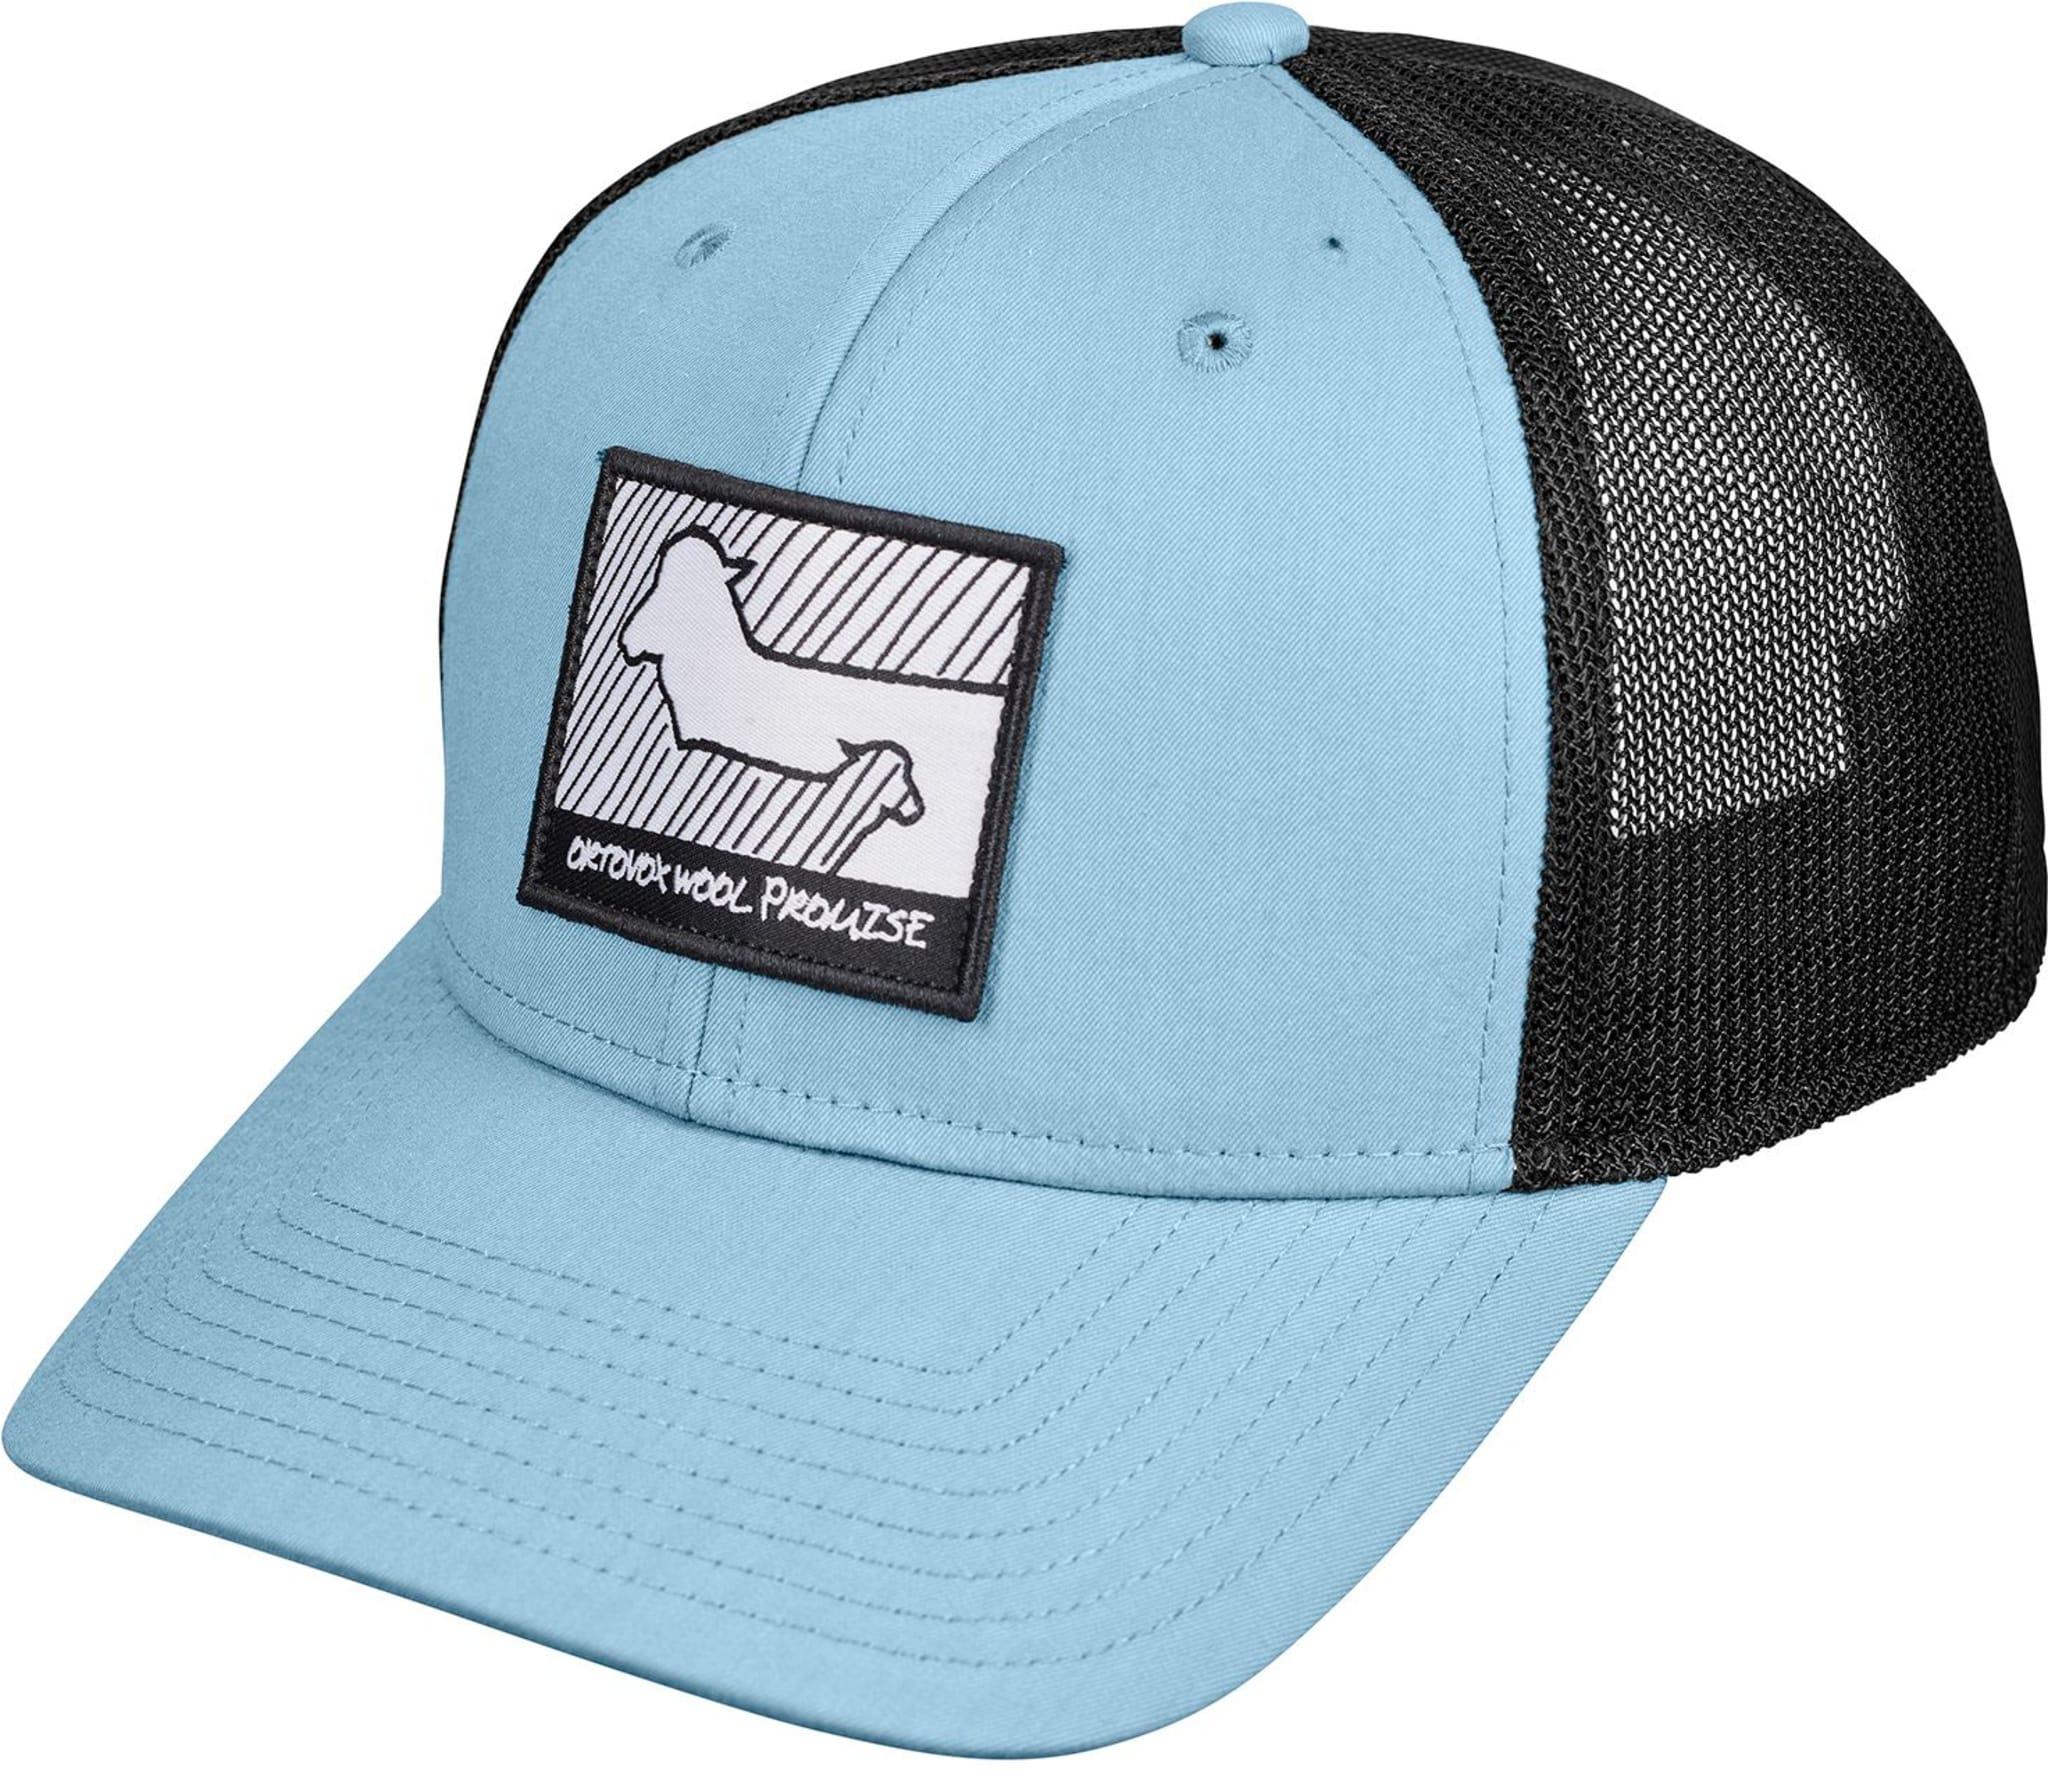 Wool Promise Trucker Cap